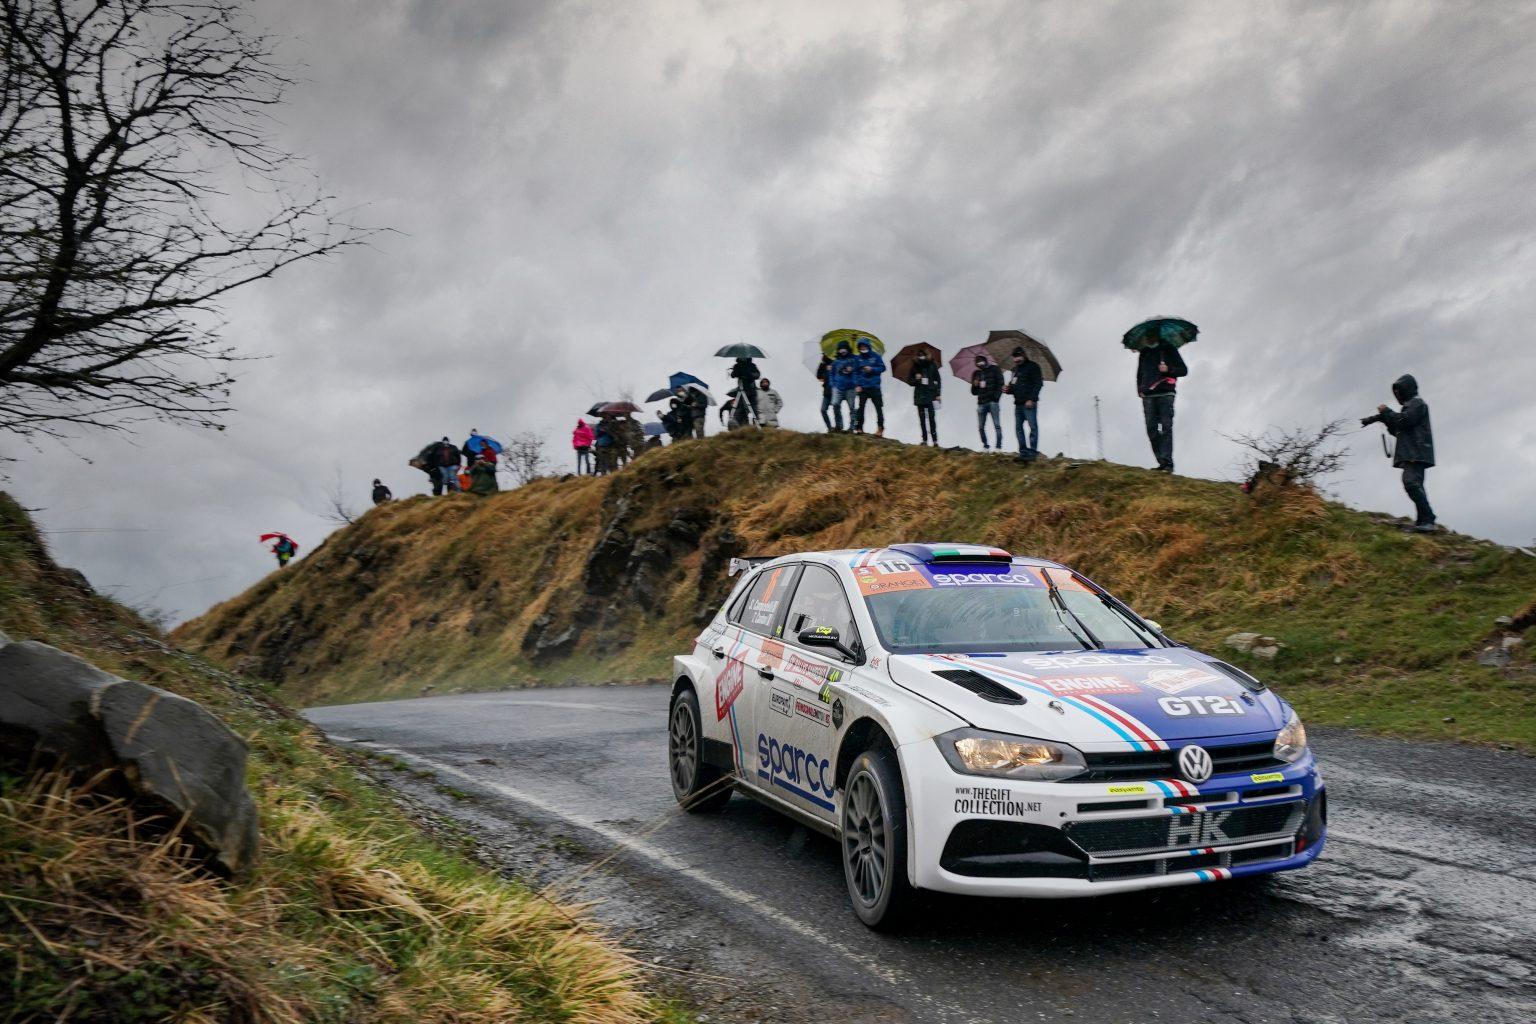 Rallye Sanremo 2021 #16 Campedelli 45